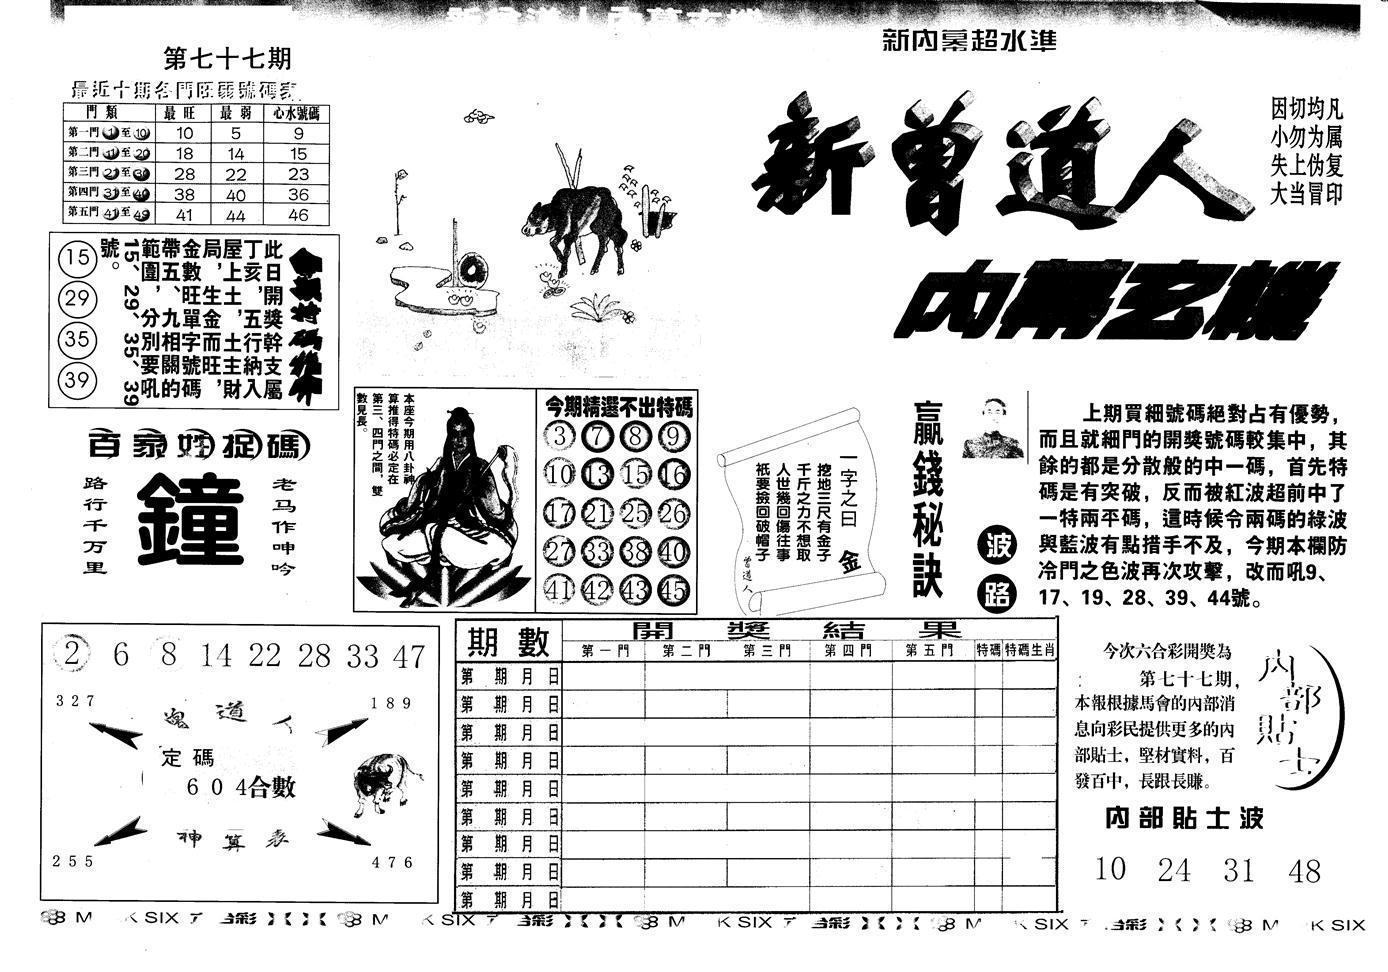 077期另版新内幕A(黑白)